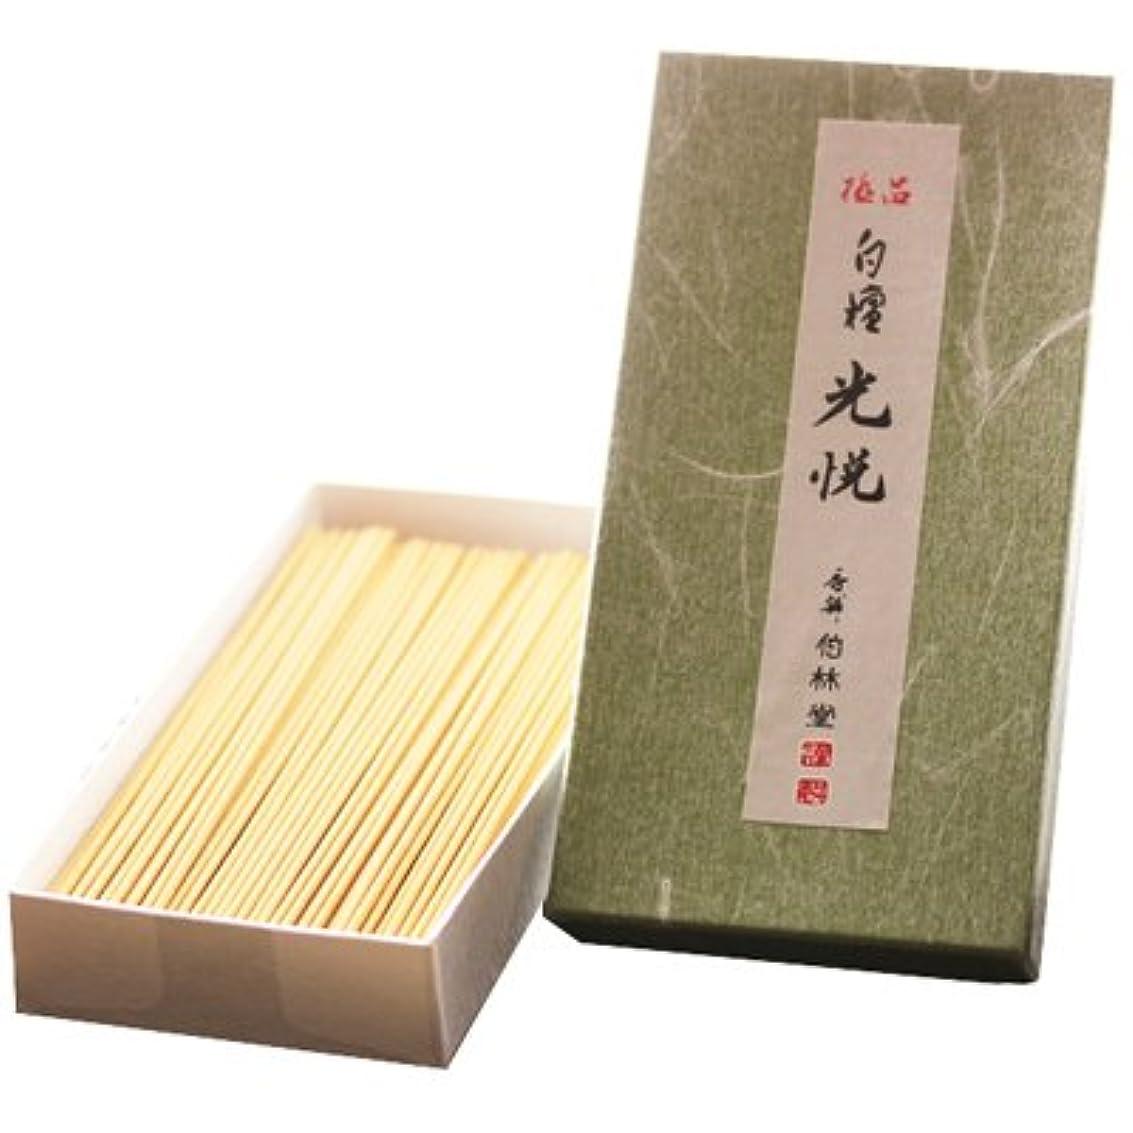 に対処するタッチカード極品白檀光悦(小箱) お線香